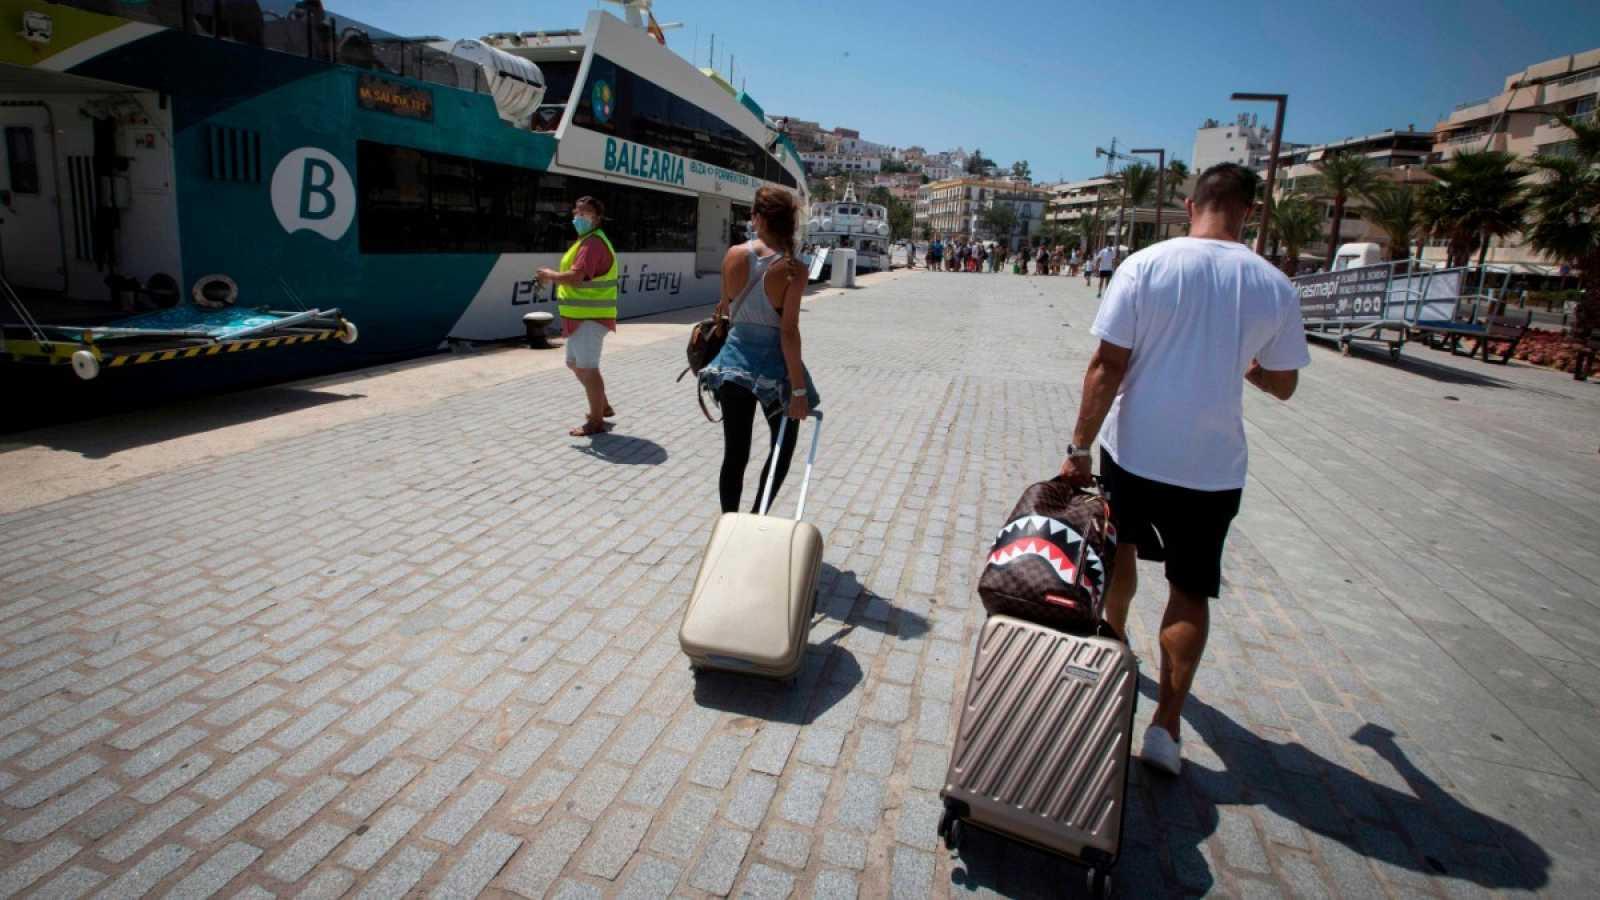 Dos turistas con maleta se disponen a coger un crucero